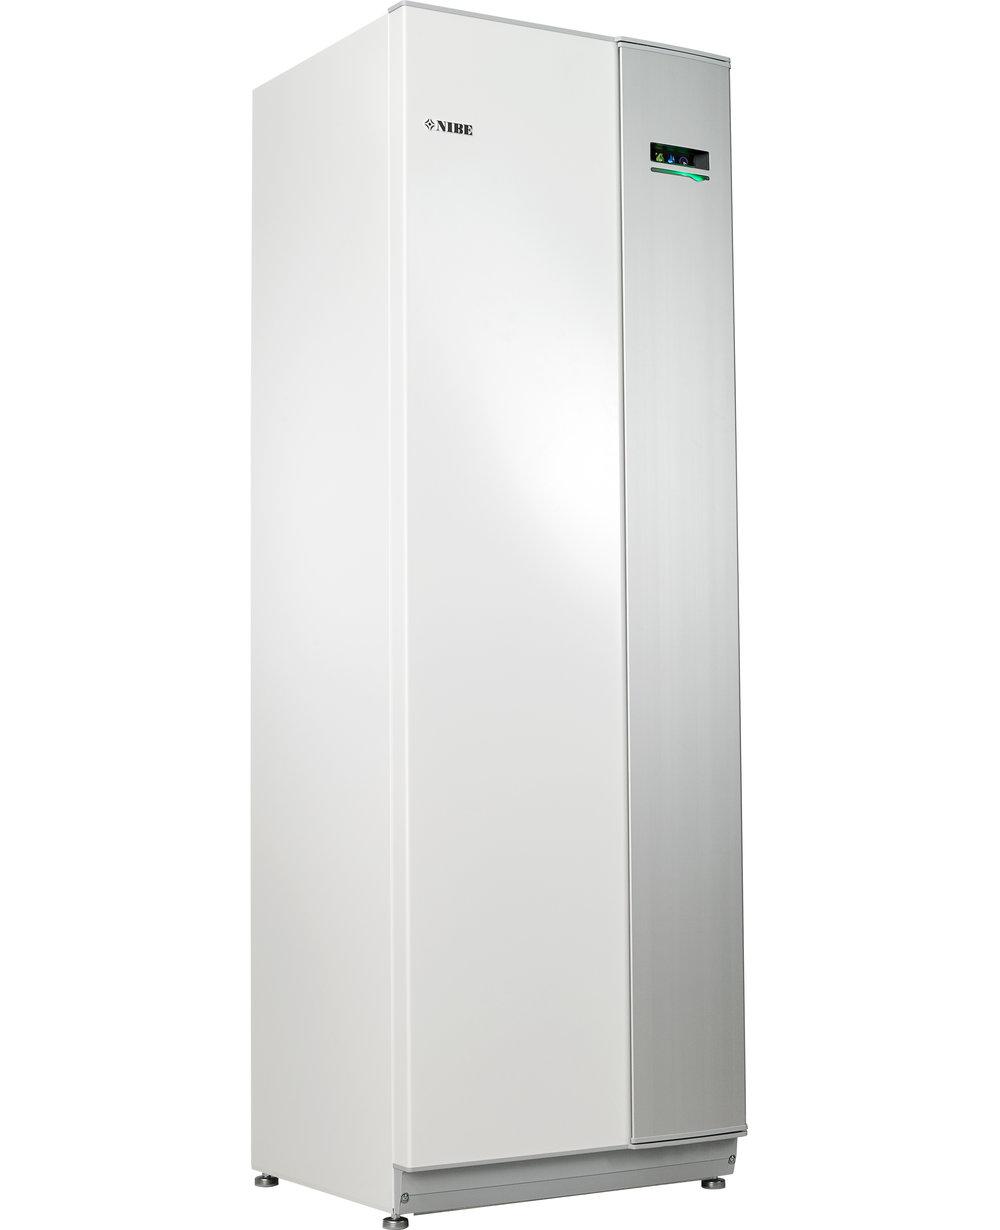 NIBE VVM 320